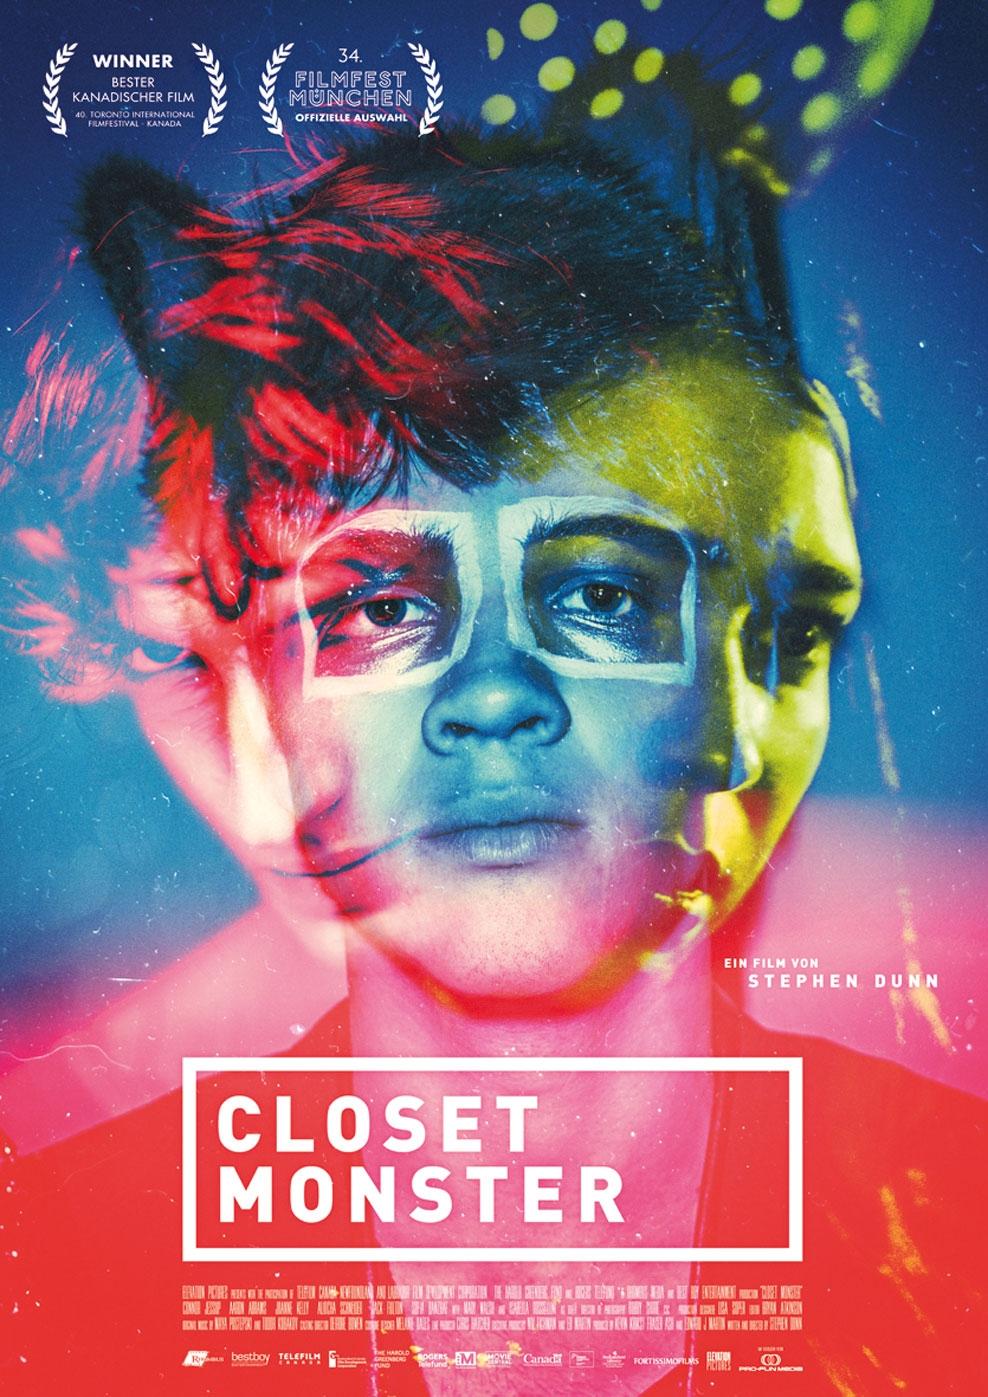 Closet Monster (Poster)